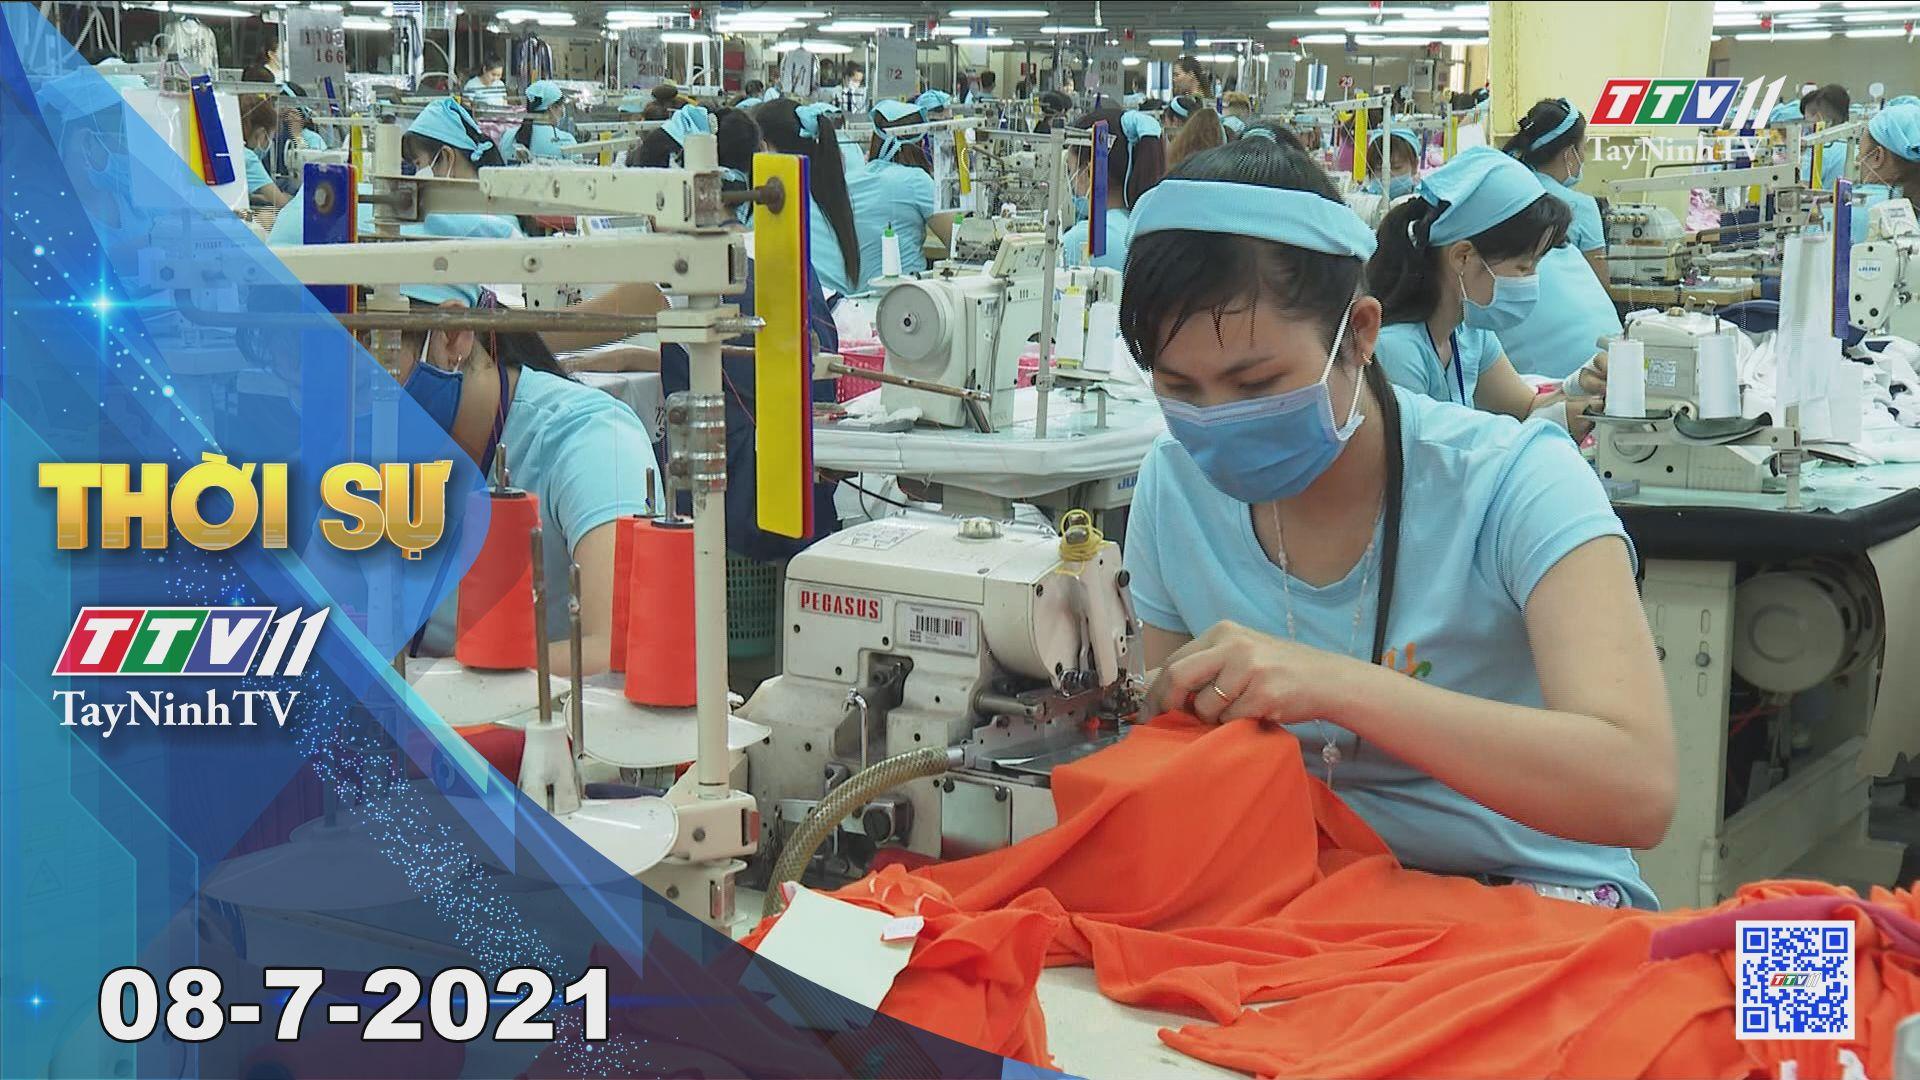 Thời sự Tây Ninh 08-7-2021 | Tin tức hôm nay | TayNinhTV